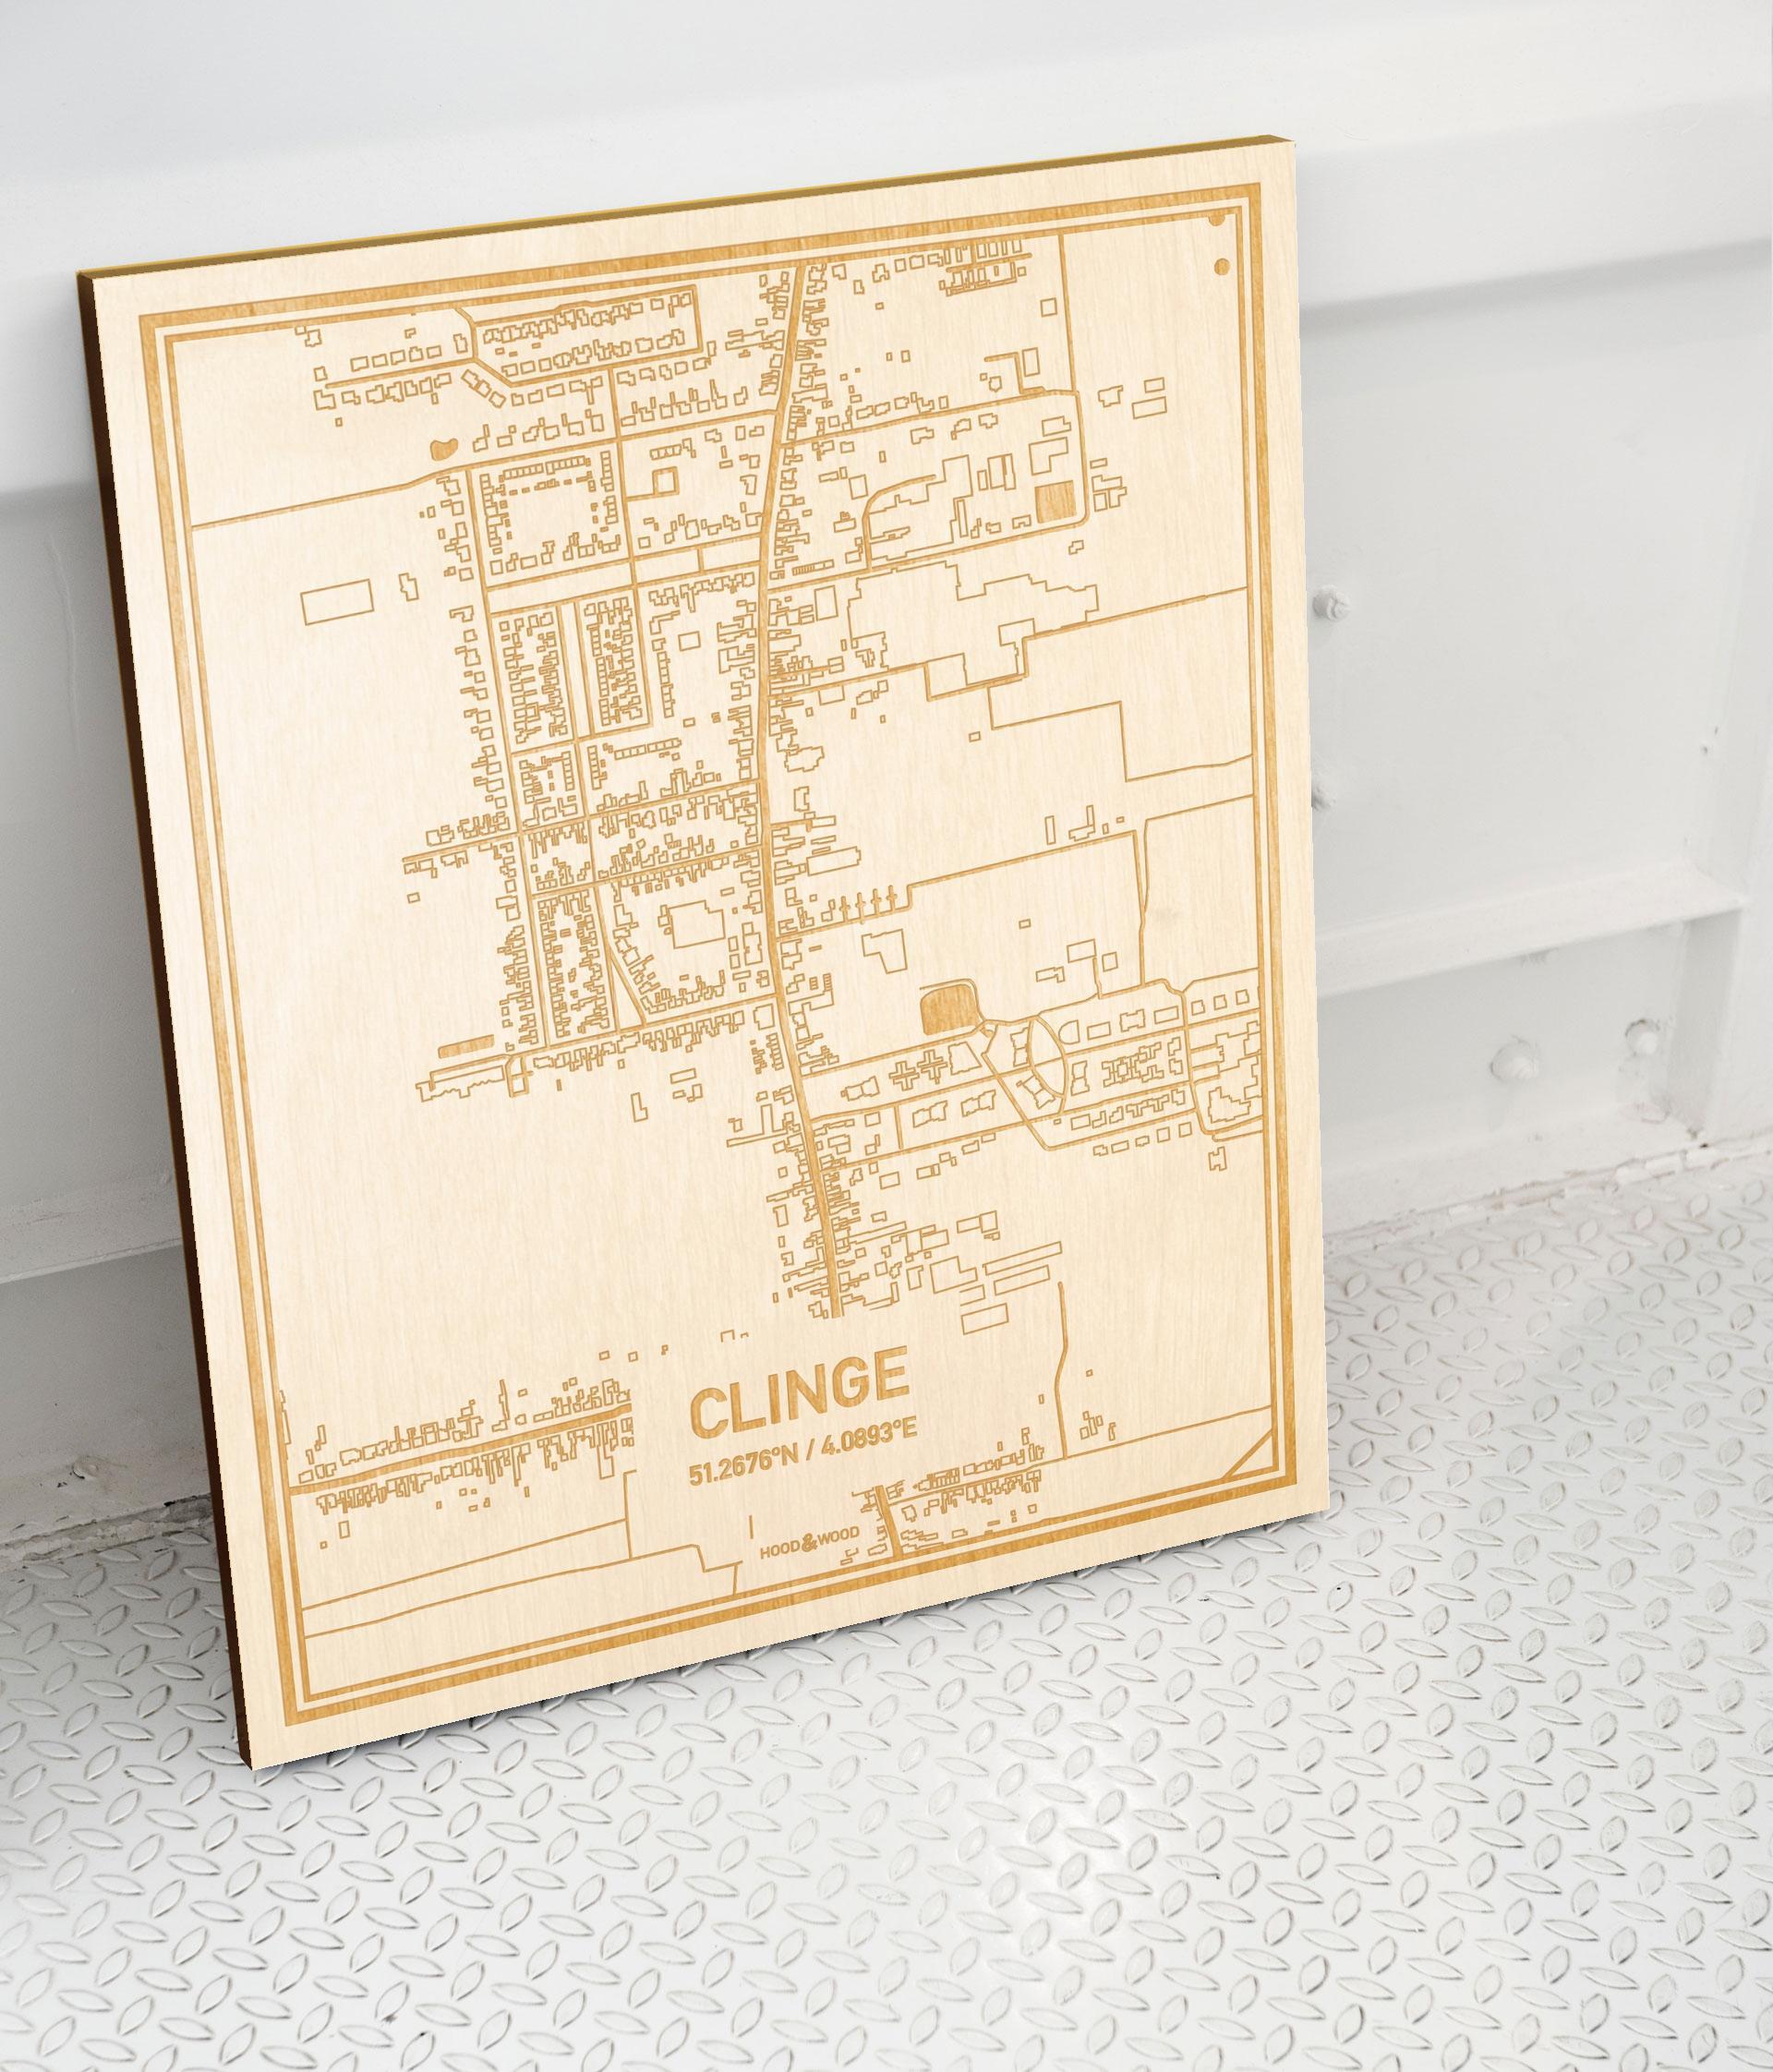 Plattegrond Clinge als prachtige houten wanddecoratie. Het warme hout contrasteert mooi met de witte muur.